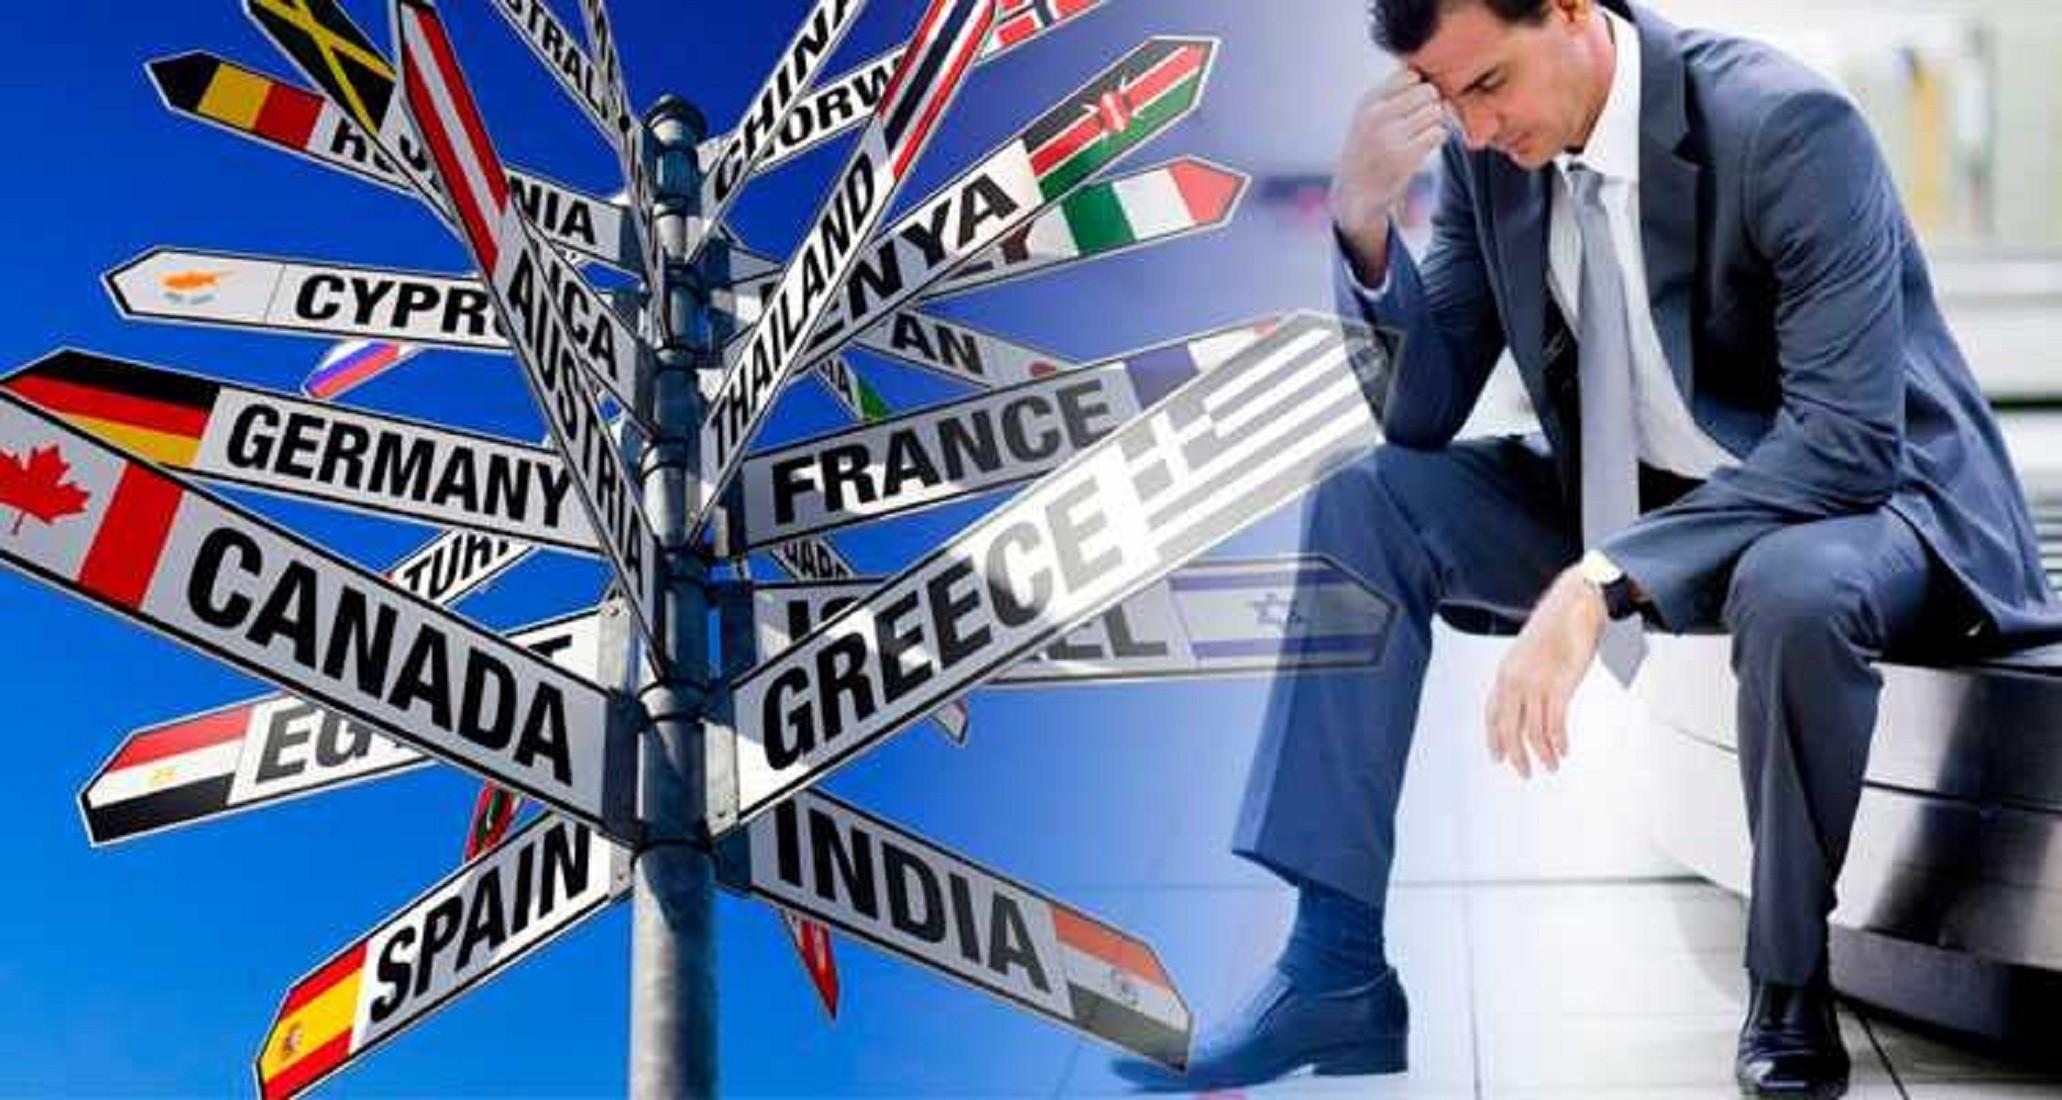 Сложный выбор для переезда в другую страну